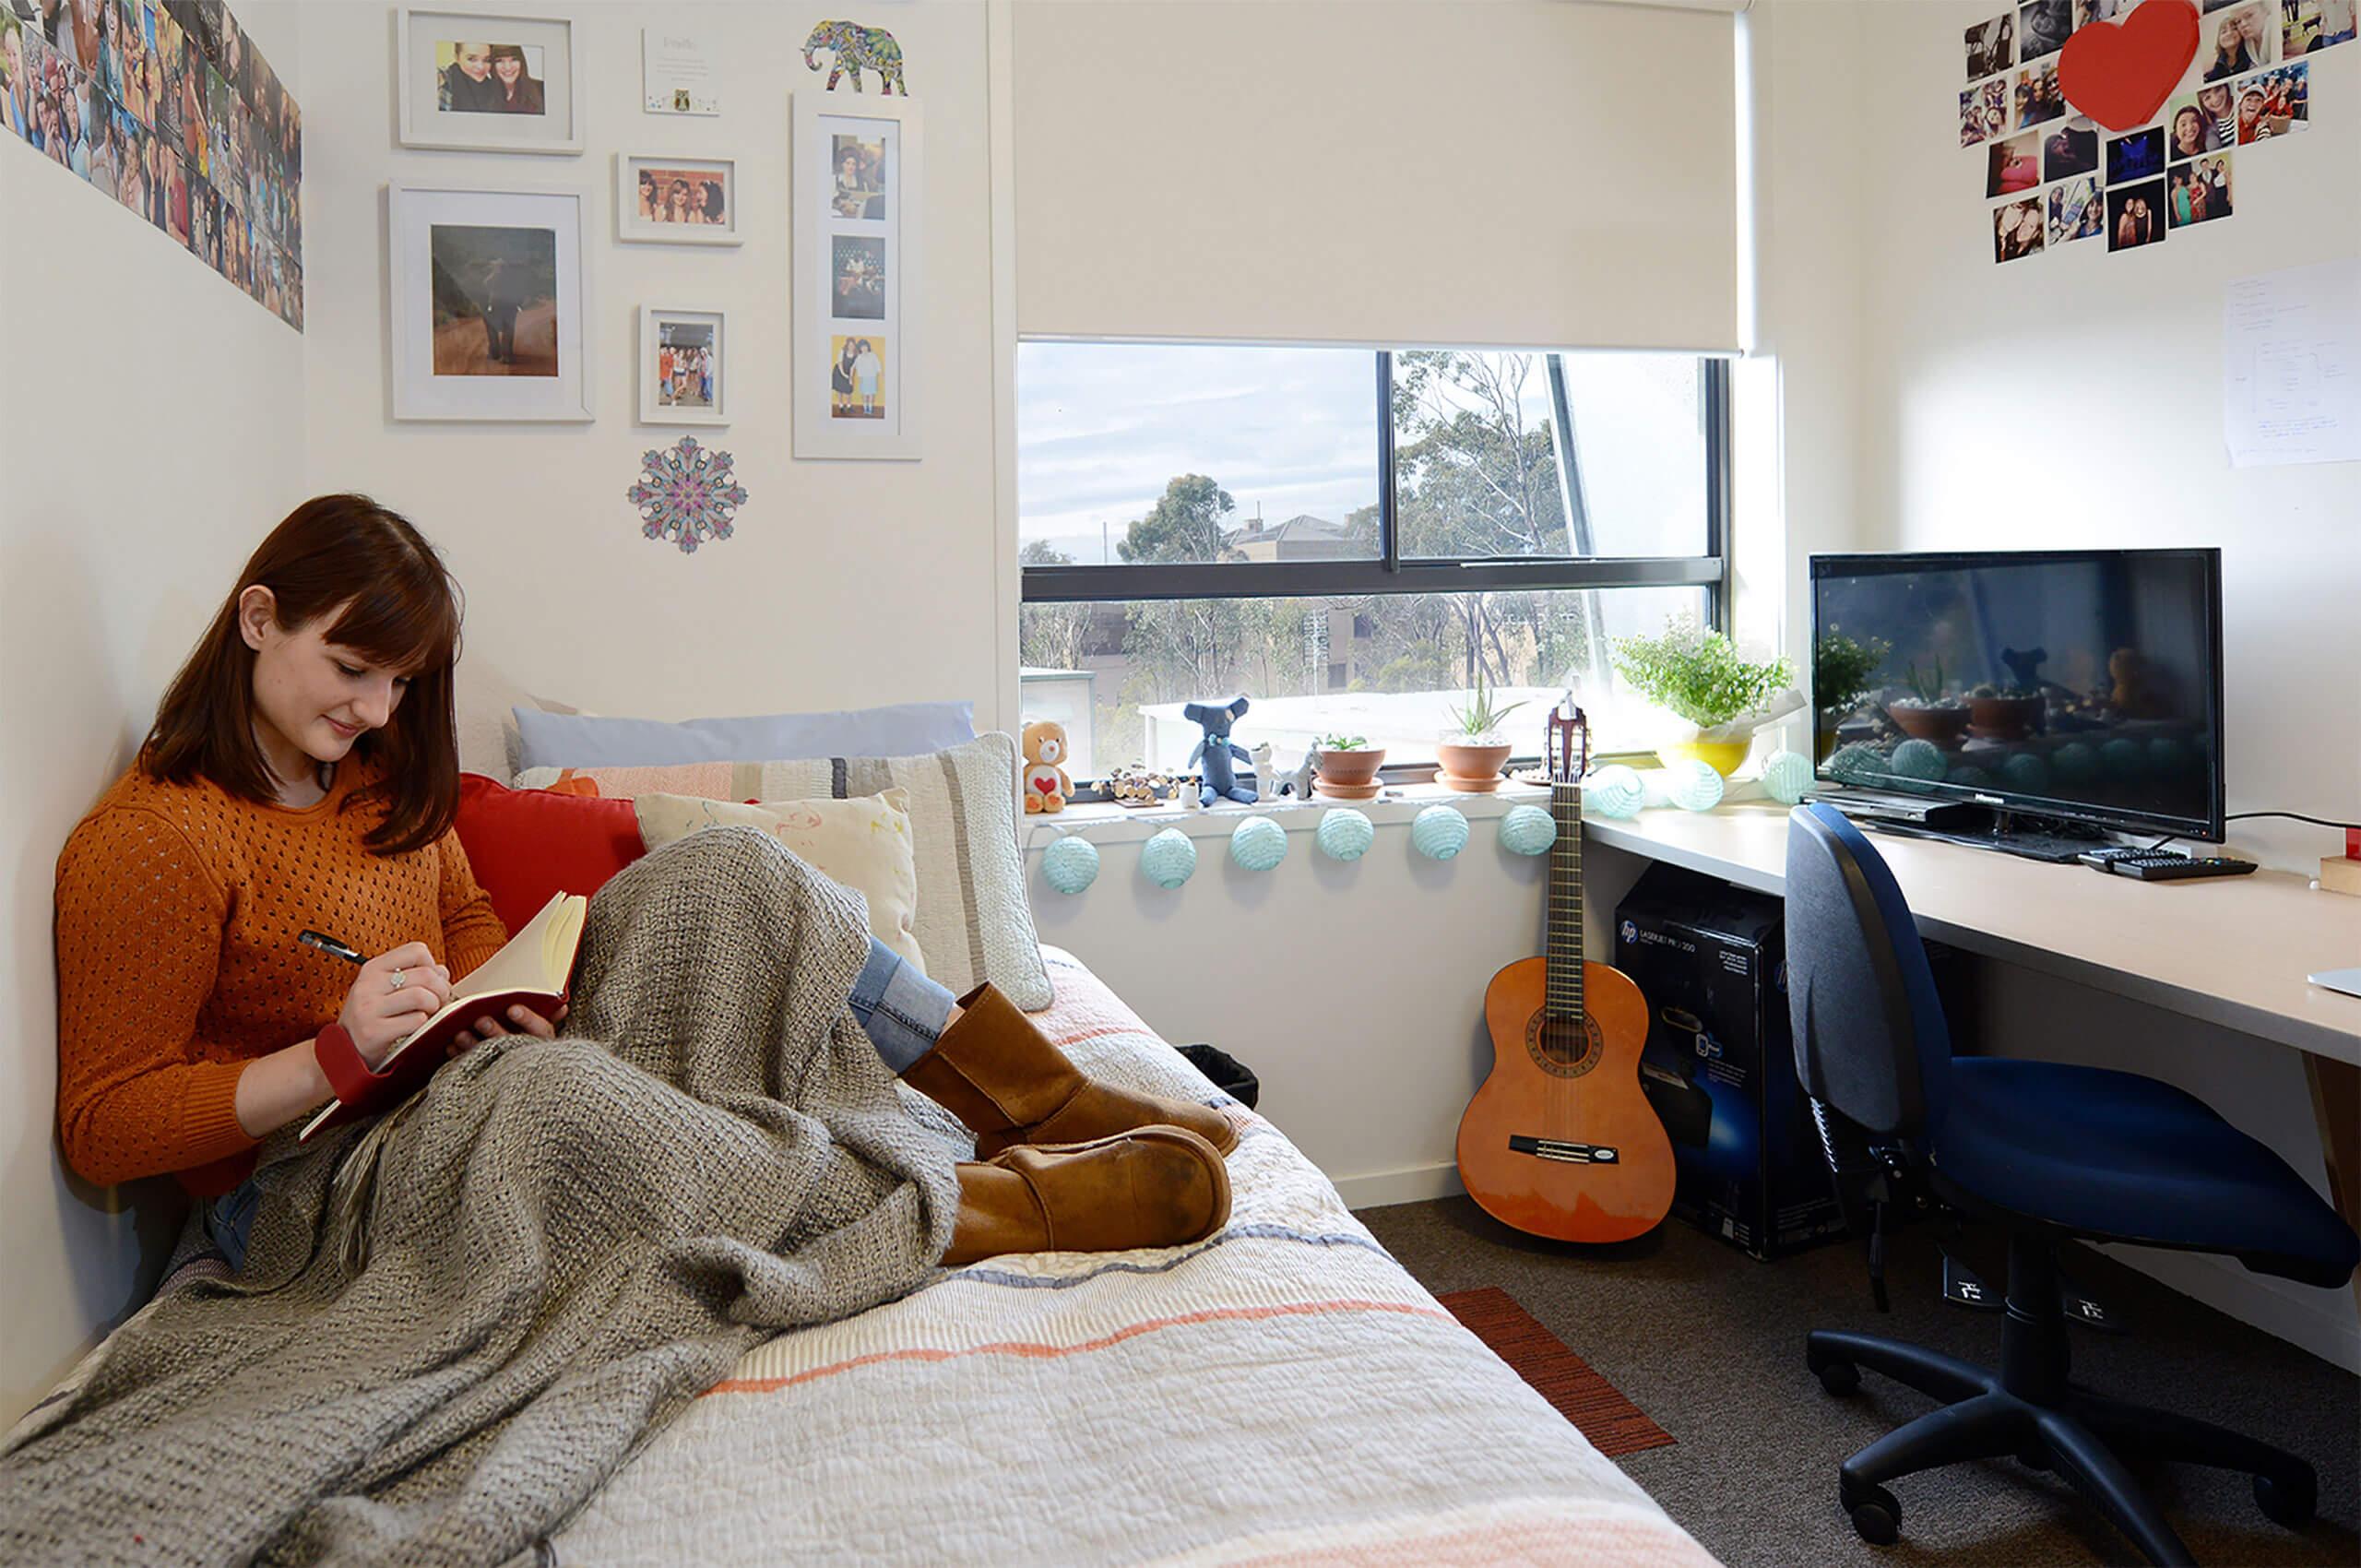 خوابگاه های دانشجویی در استرالیا